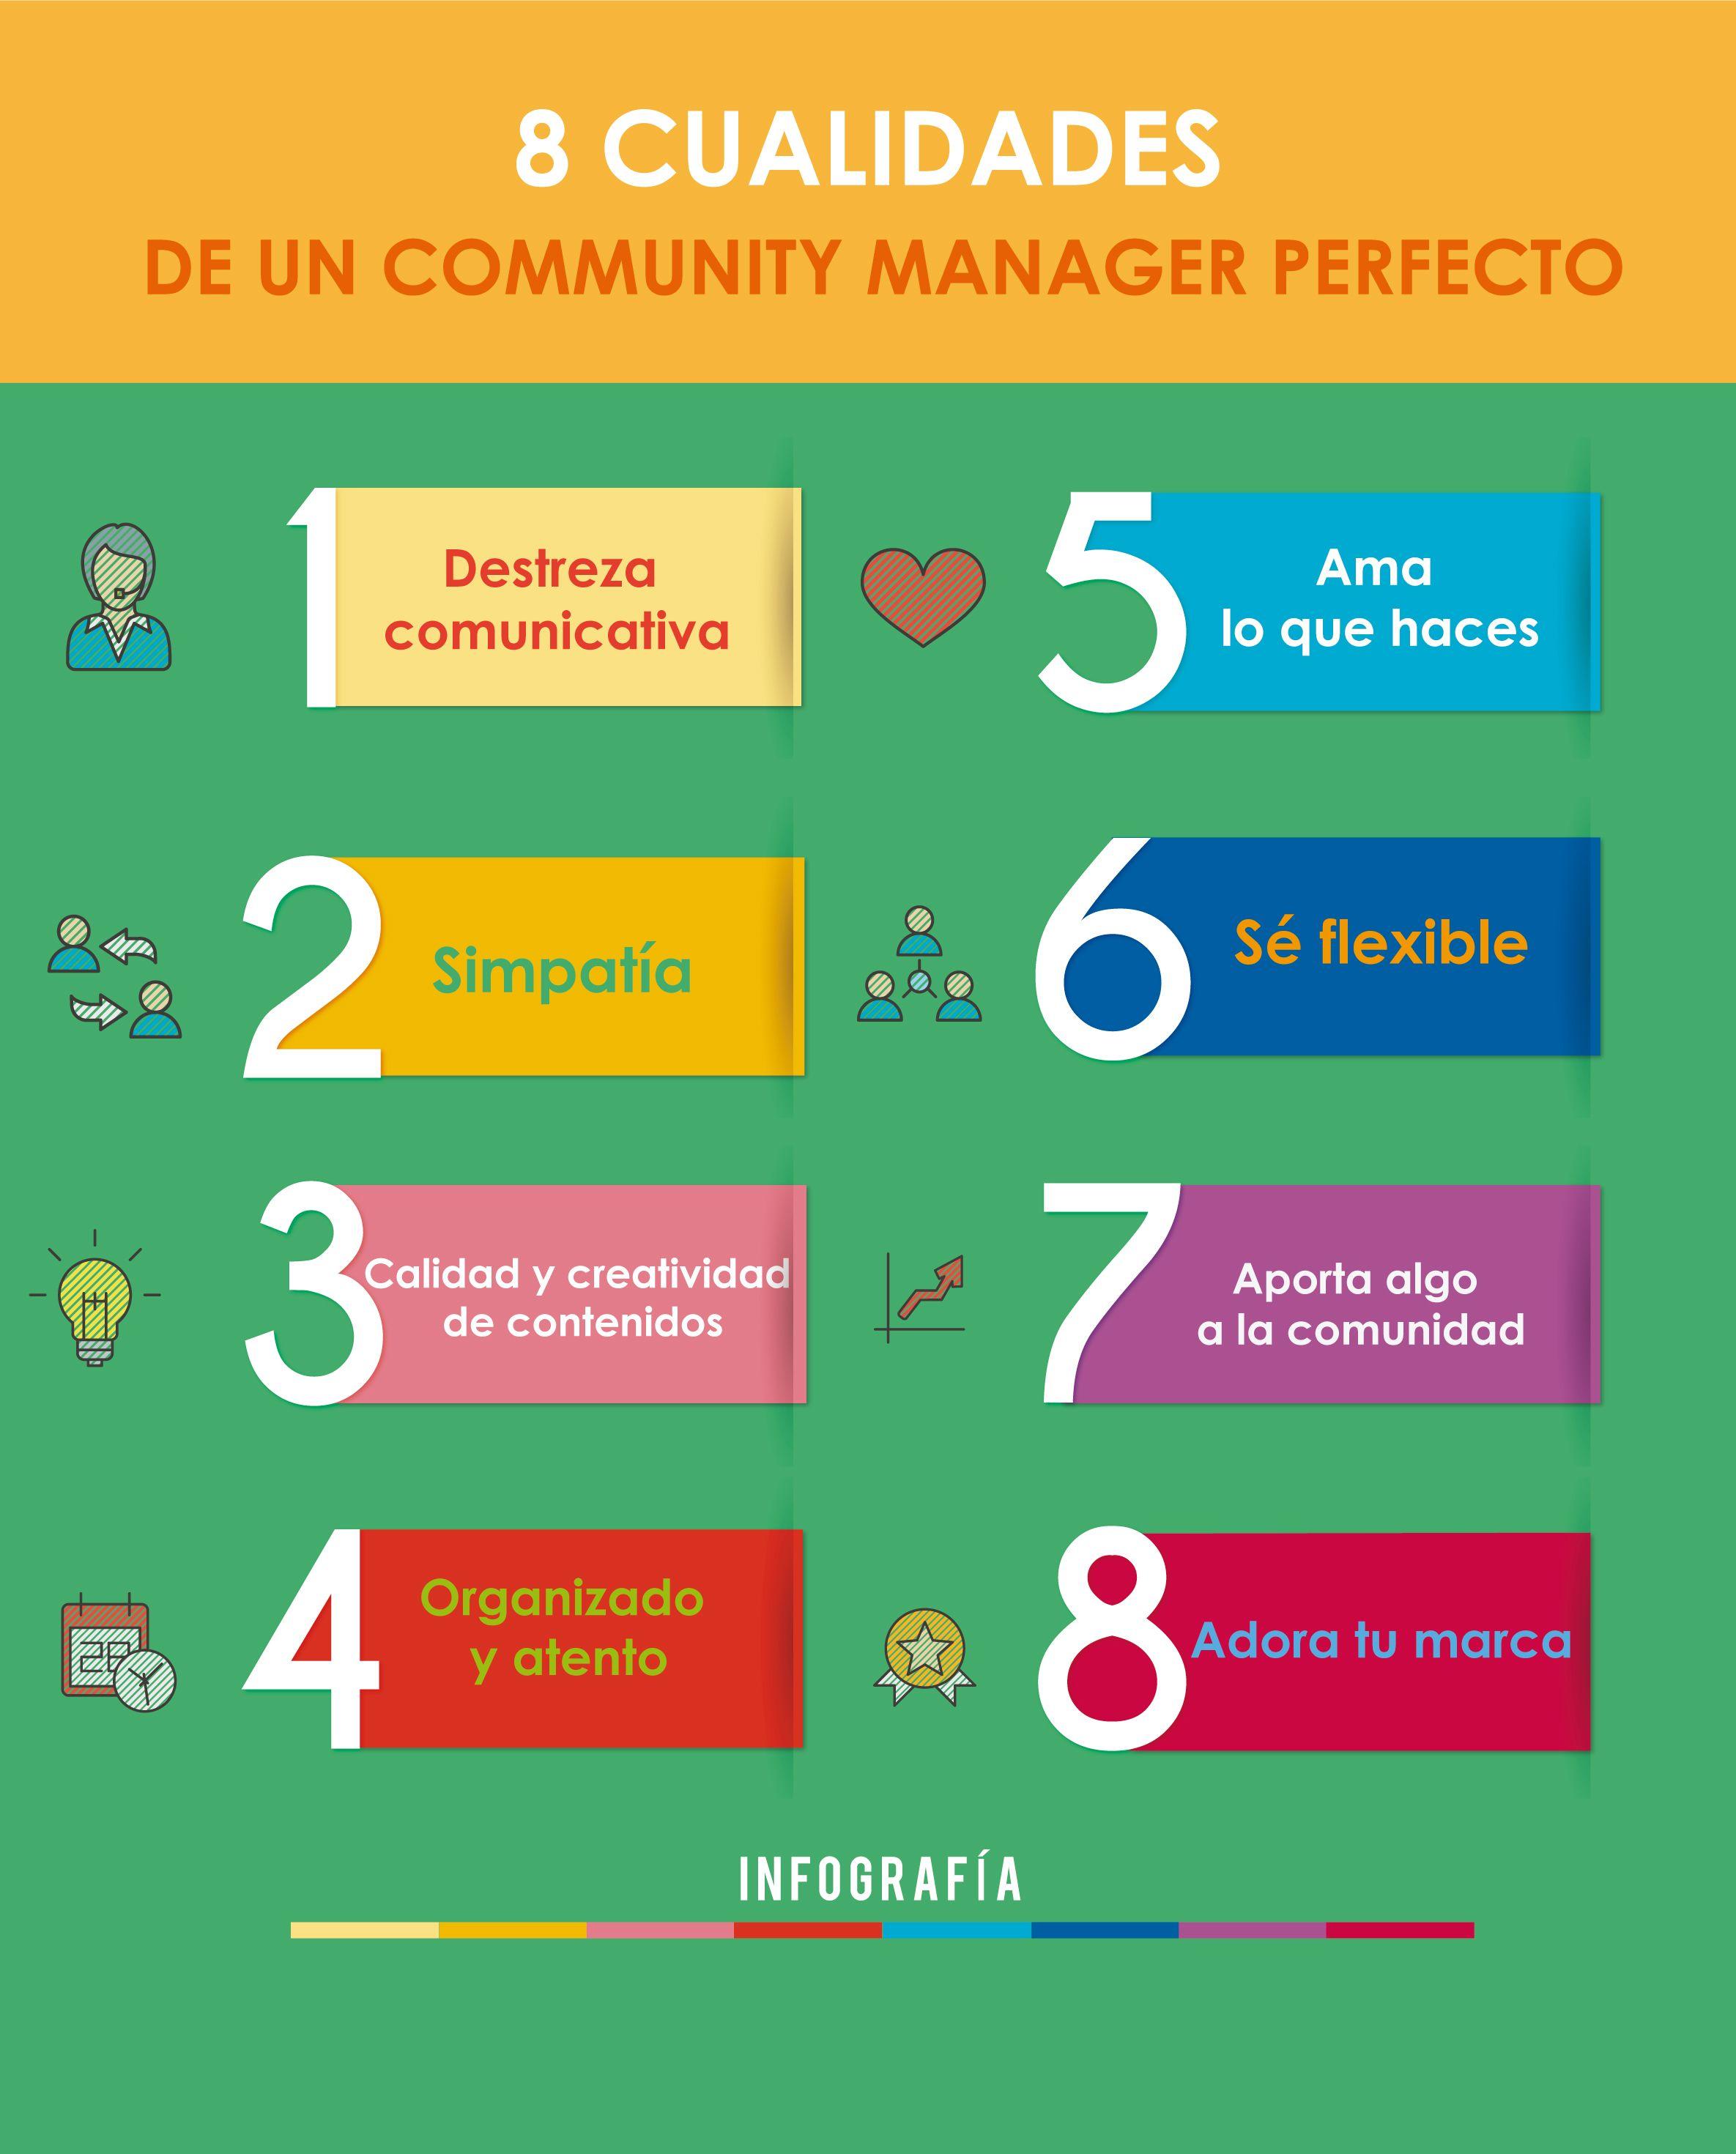 que hace un community manager